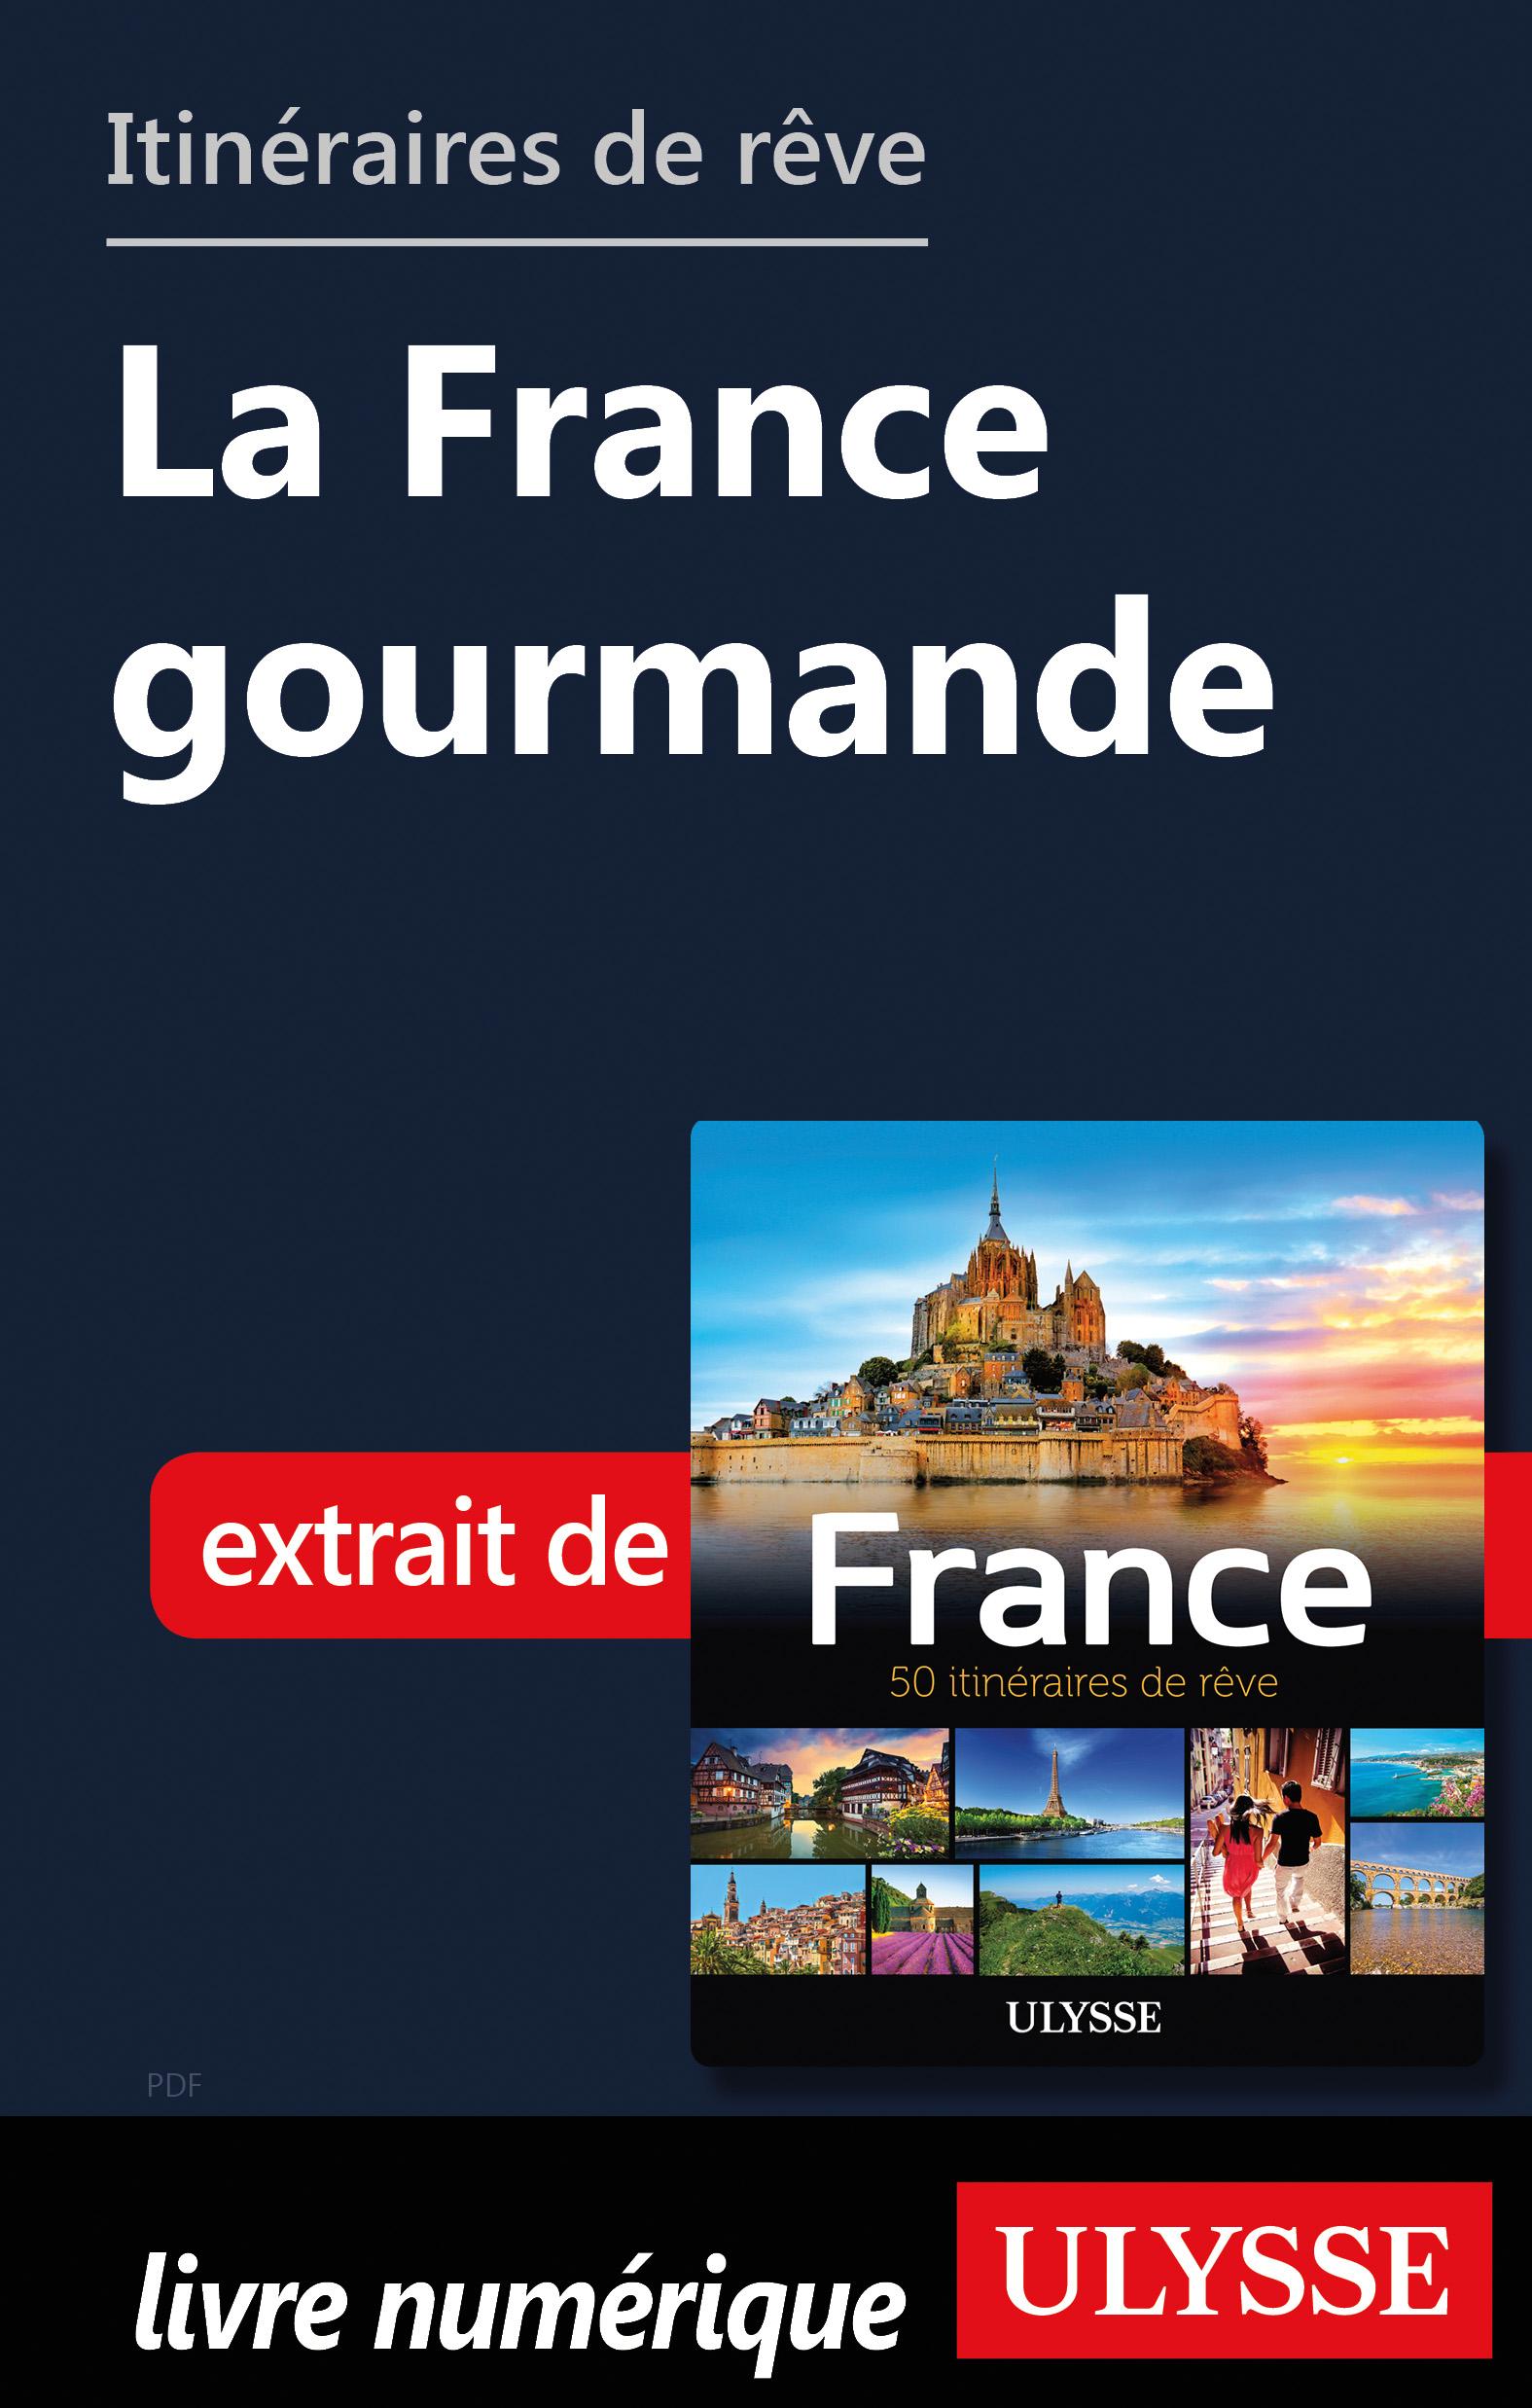 Itinéraires de rêve - La France gourmande